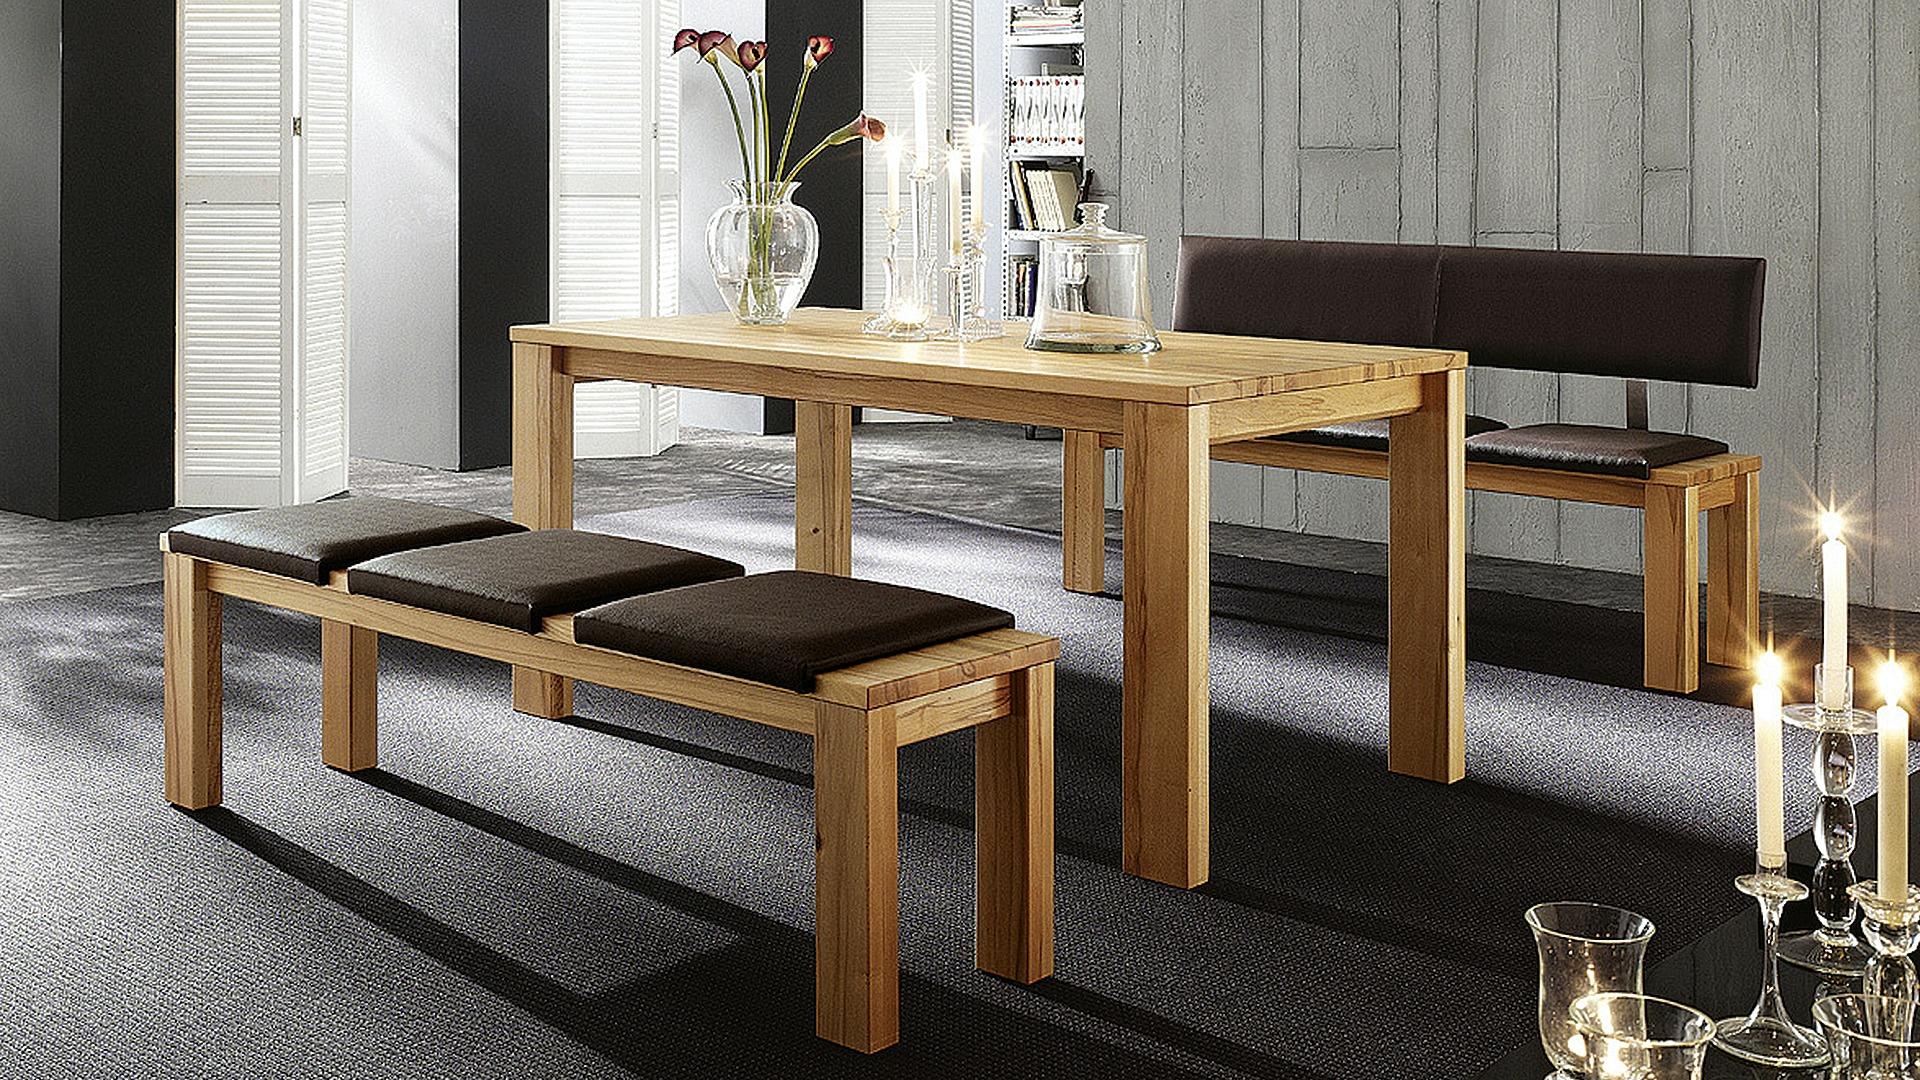 klemmkissen lavolo. Black Bedroom Furniture Sets. Home Design Ideas